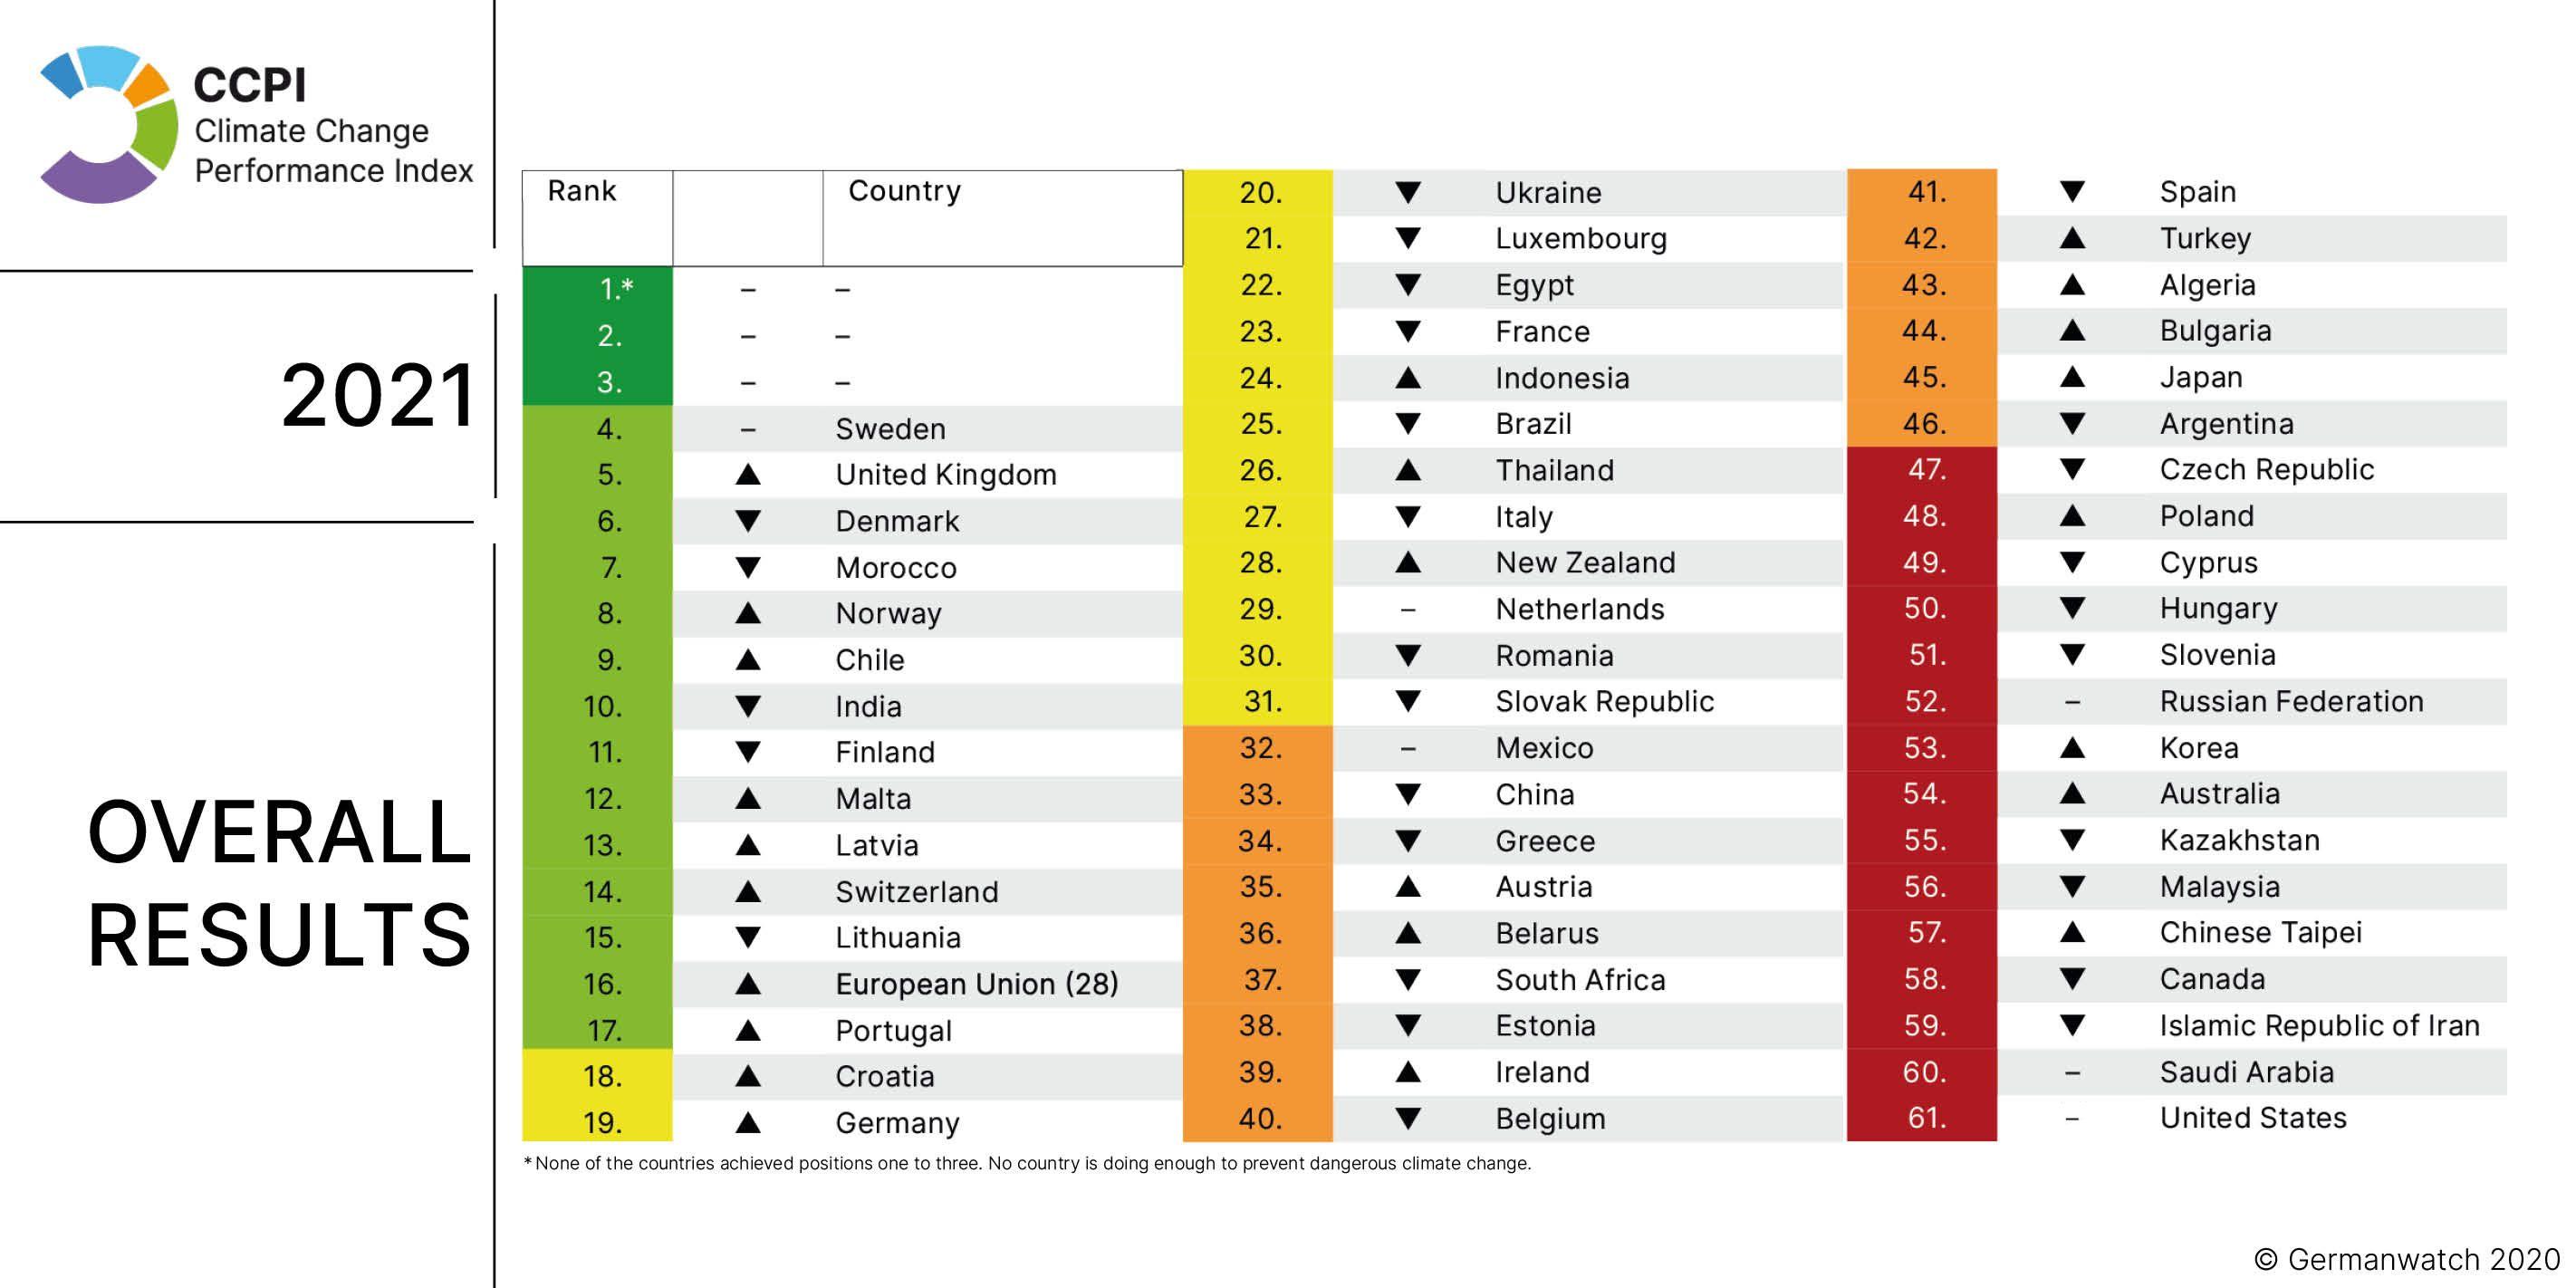 Klimaschutzindex Gesamtergebnis